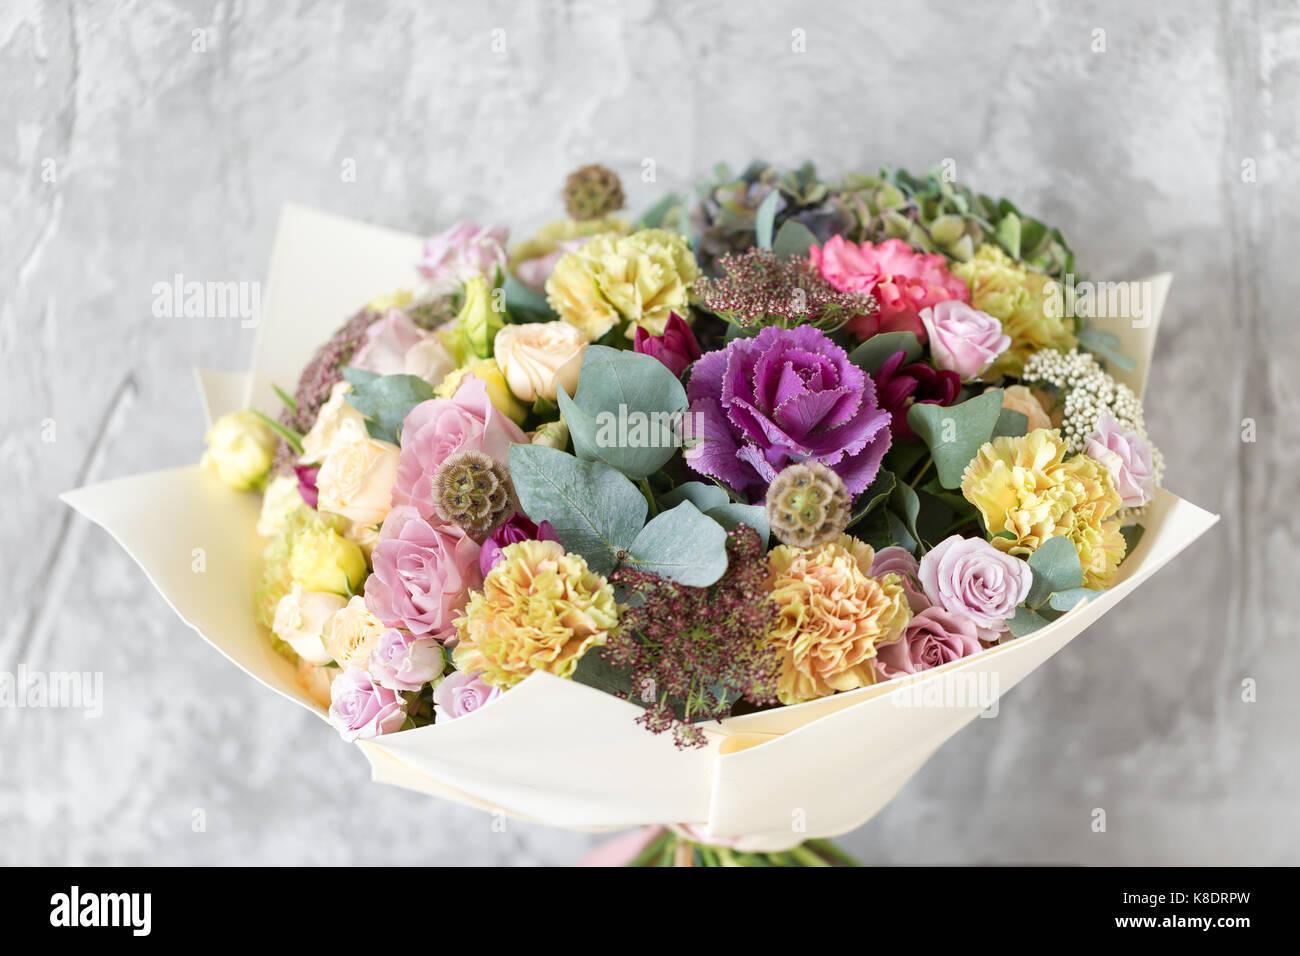 Bouquet in foamiran paper a simple bouquet of flowers and greens bouquet in foamiran paper a simple bouquet of flowers and greens izmirmasajfo